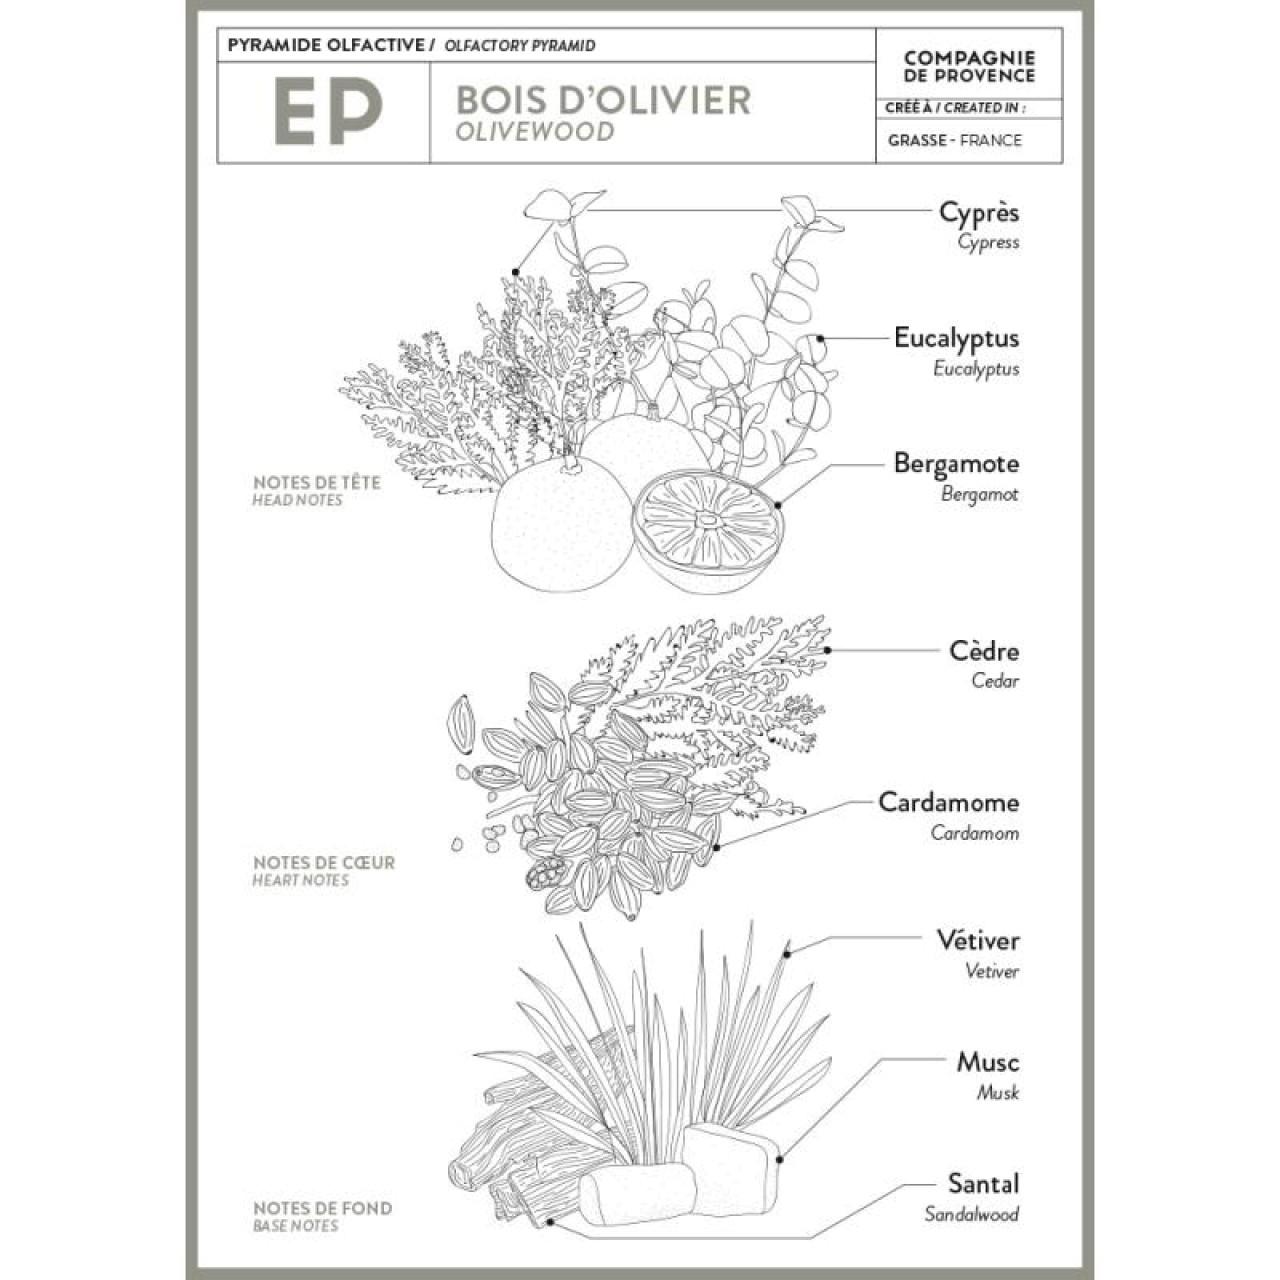 Sapone Profumato di Marsiglia al Legno dUlivo 25 g Compagnie de Provence Italia CPPF0101SS025BO-01